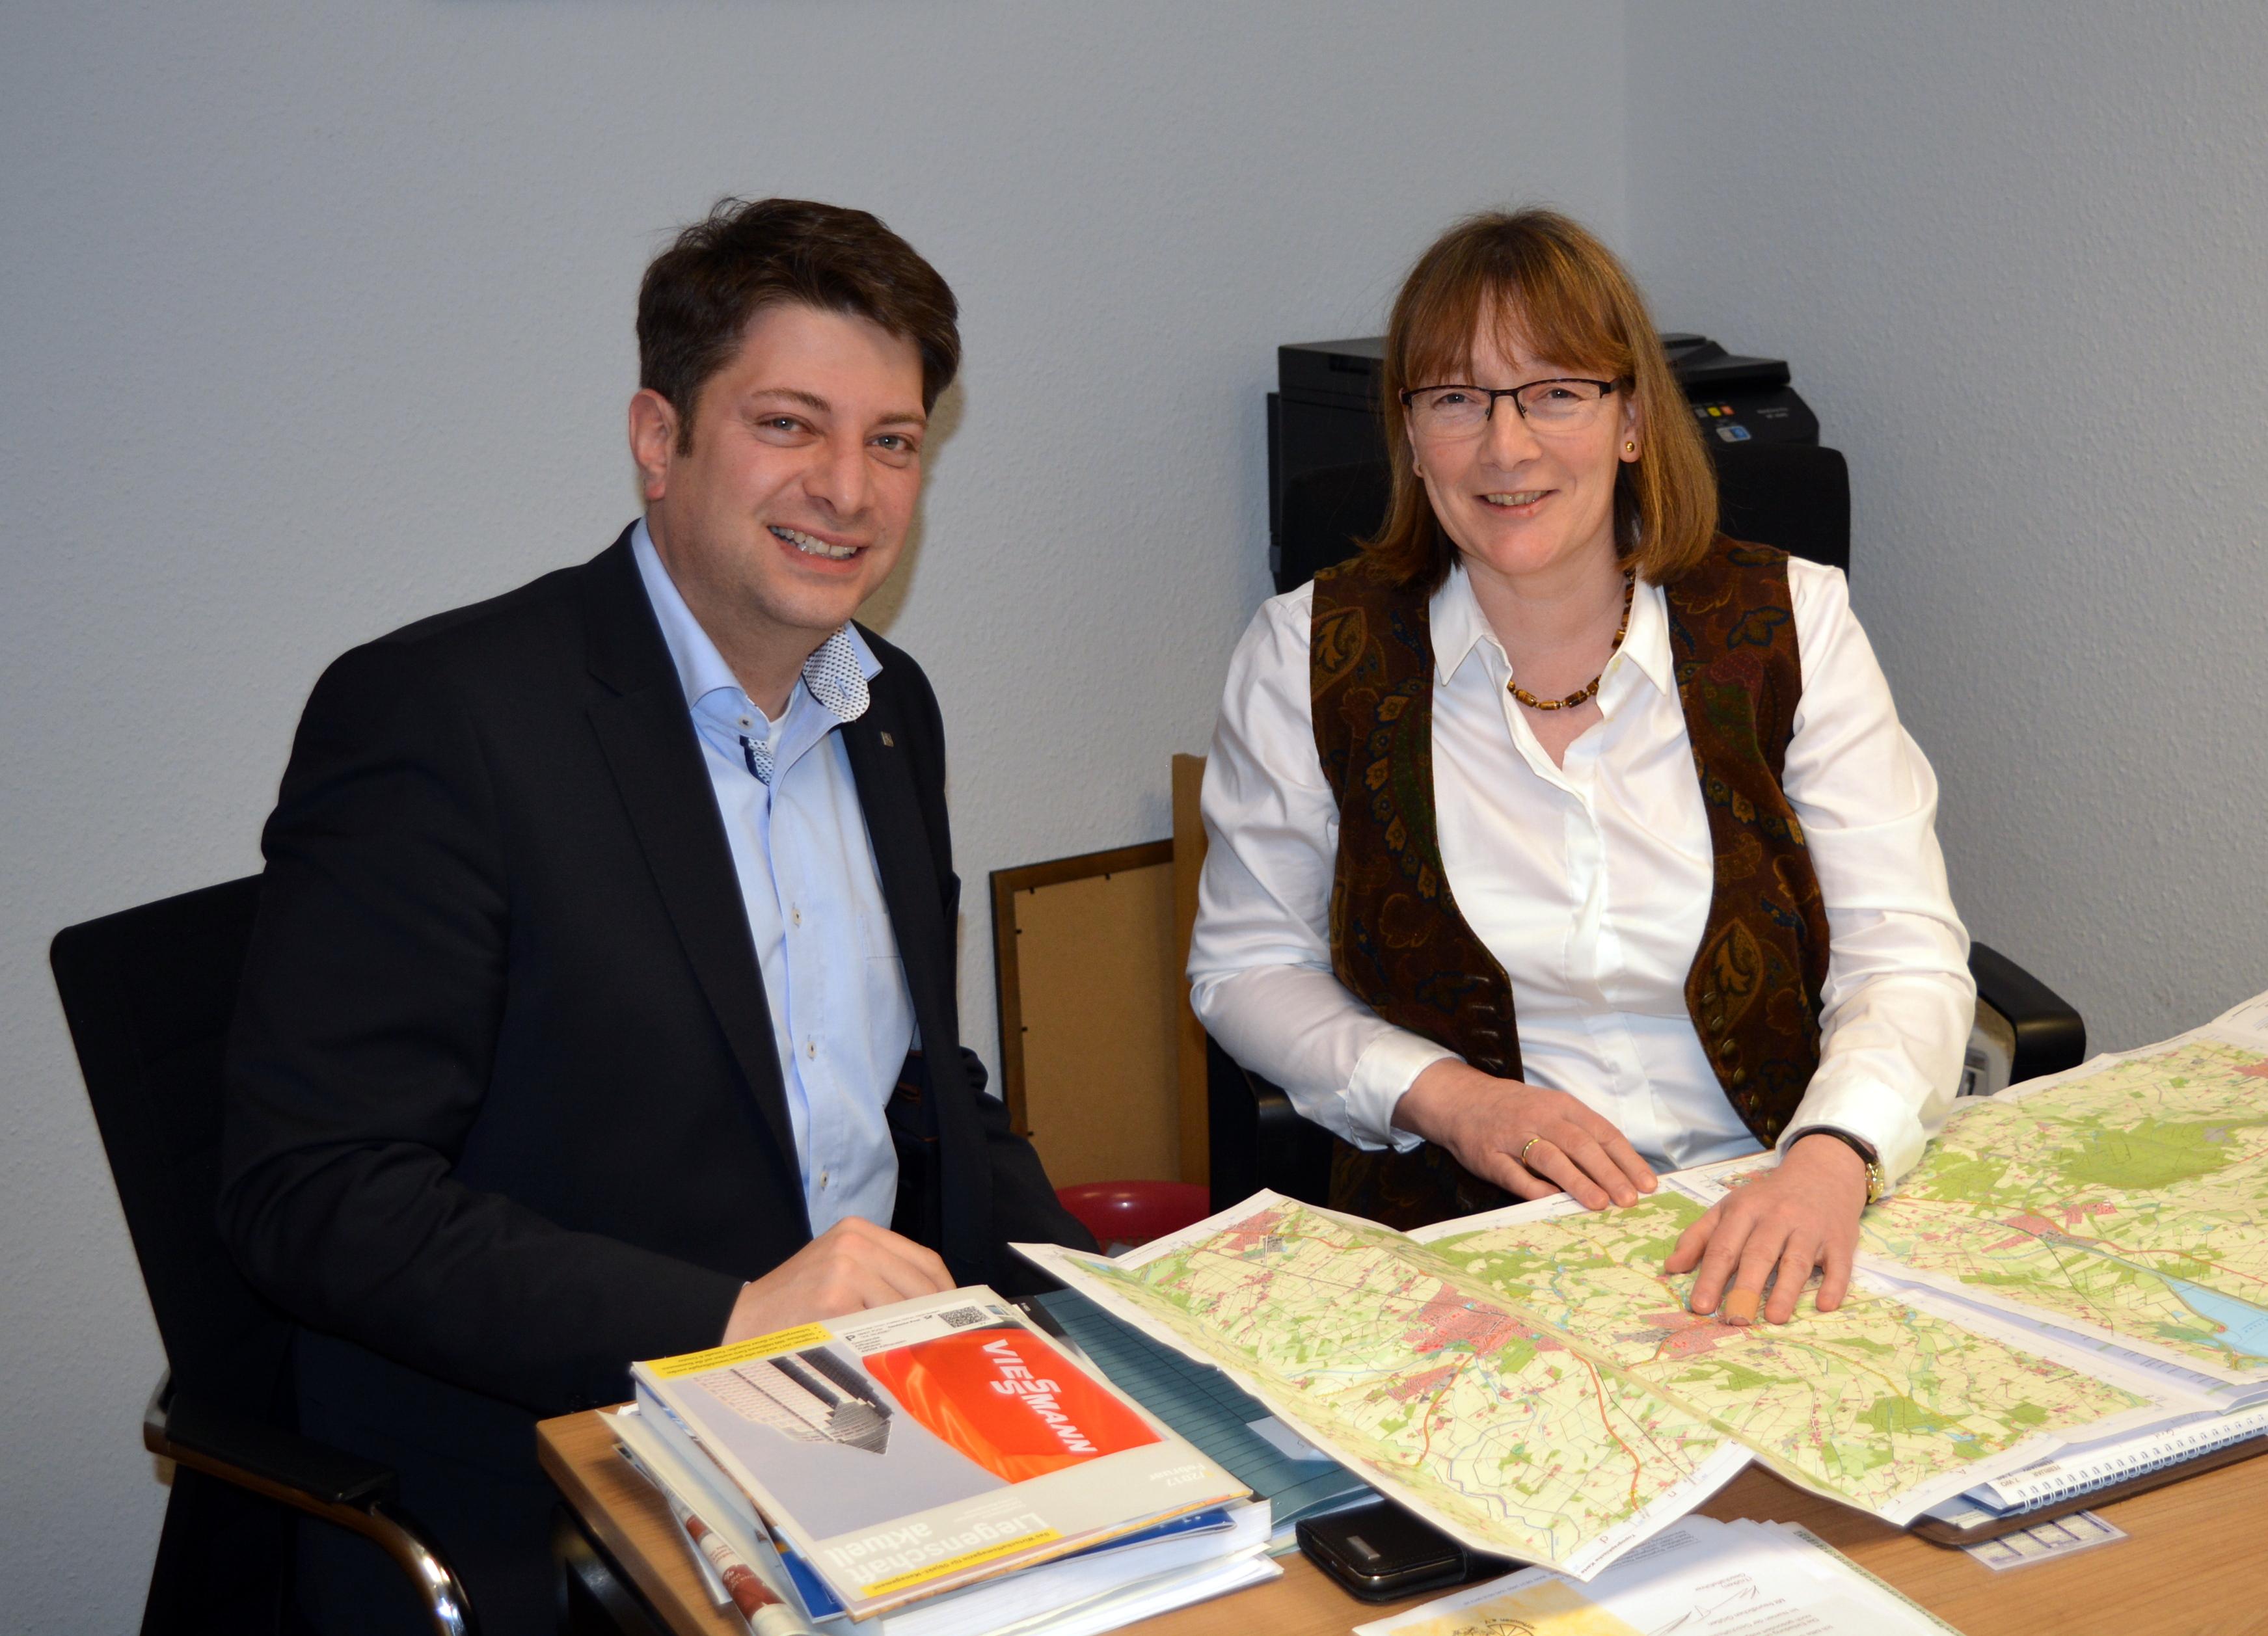 Antrittsbesuch bei Bürgermeisterin Agnes Droste: Der Landtagsabgeordnete Christian Calderone informierte sich über die kommunale Agenda im Infrastrukturbereich. Foto: CDU